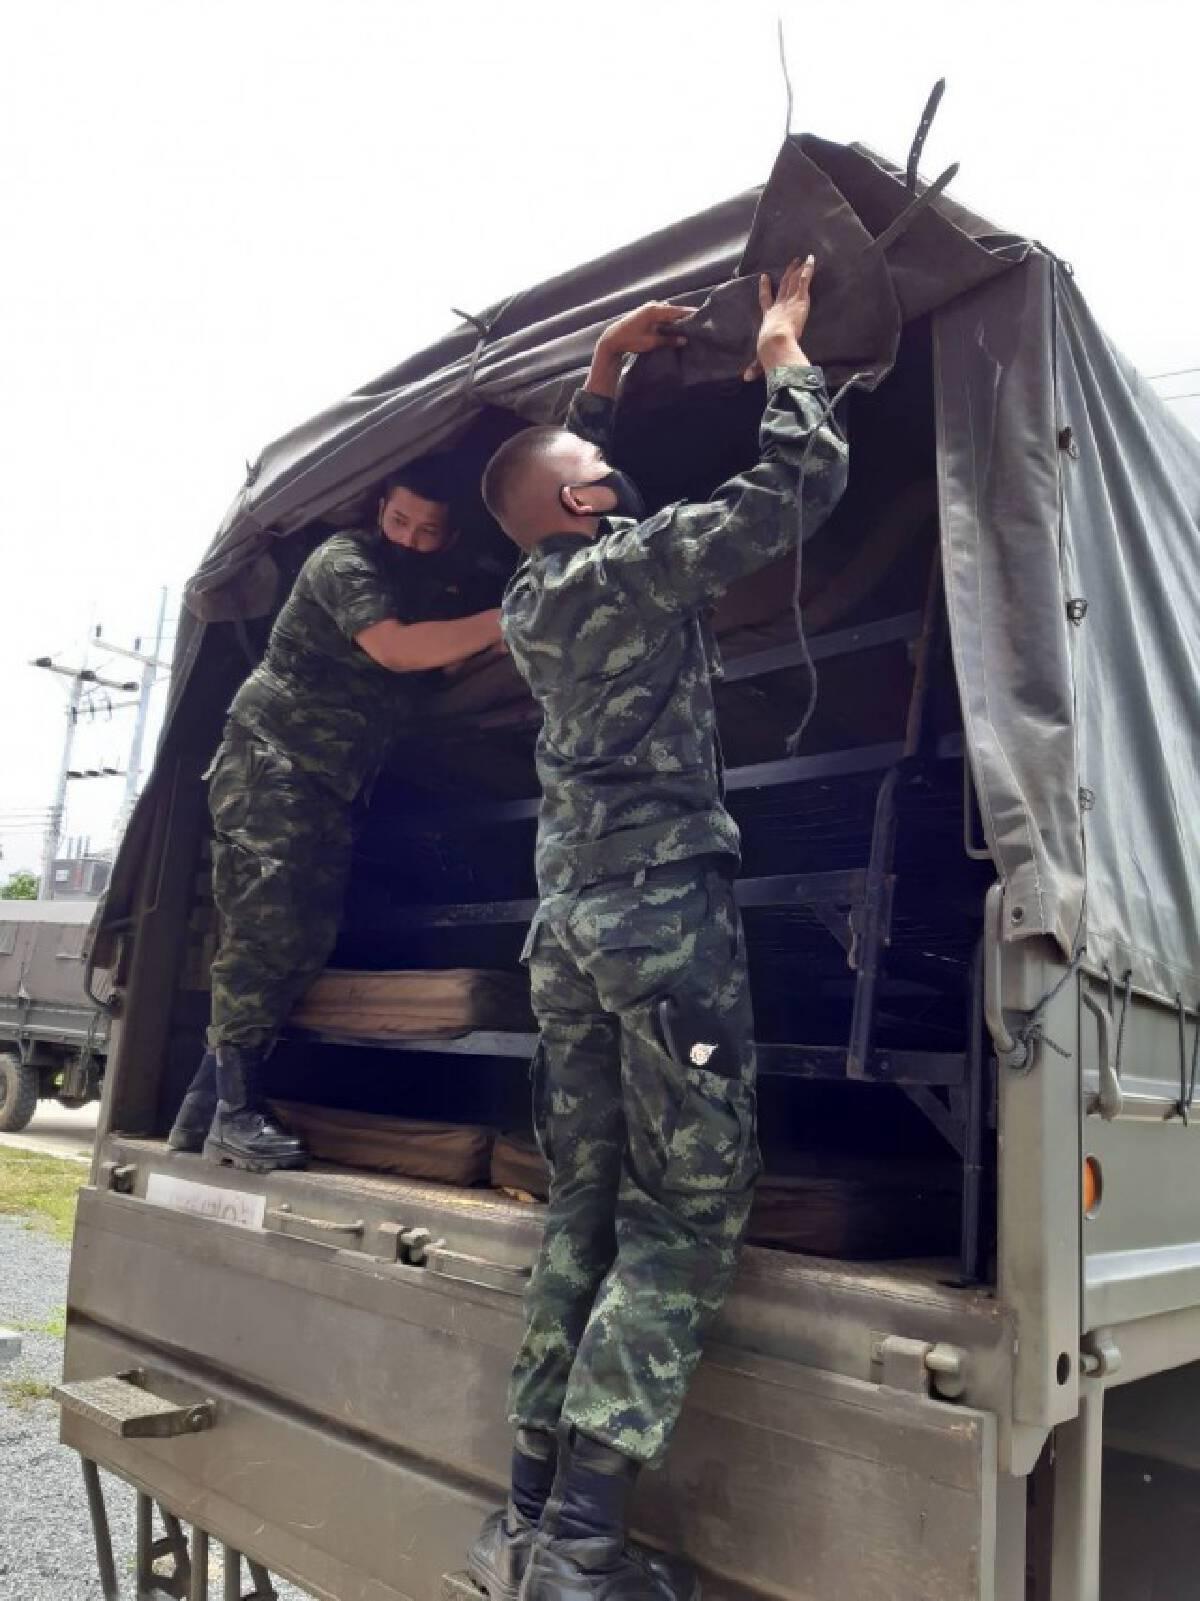 ทัพภาค 4 ระดมสรรพกำลังหนุนสาธารณสุขอีก 580 เตียง